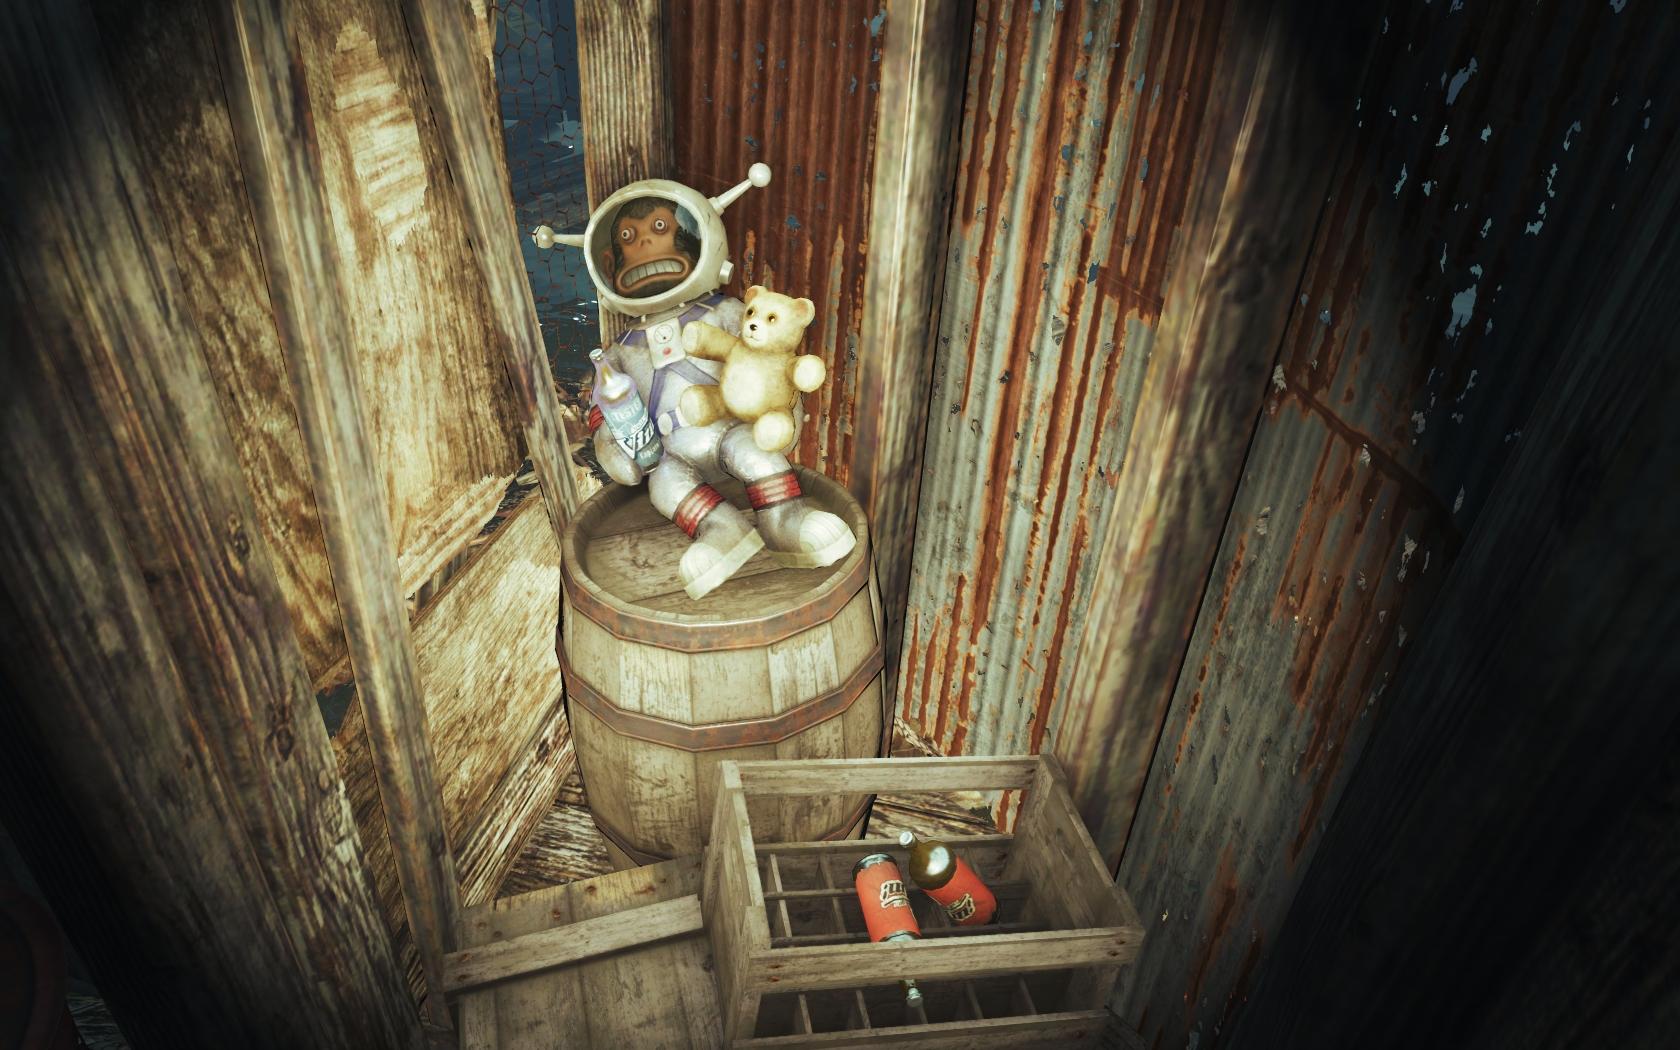 Сладкая парочка (Фар-Харбор, Азалия) v2 - Fallout 4 Азалия, Лунная, мартышка